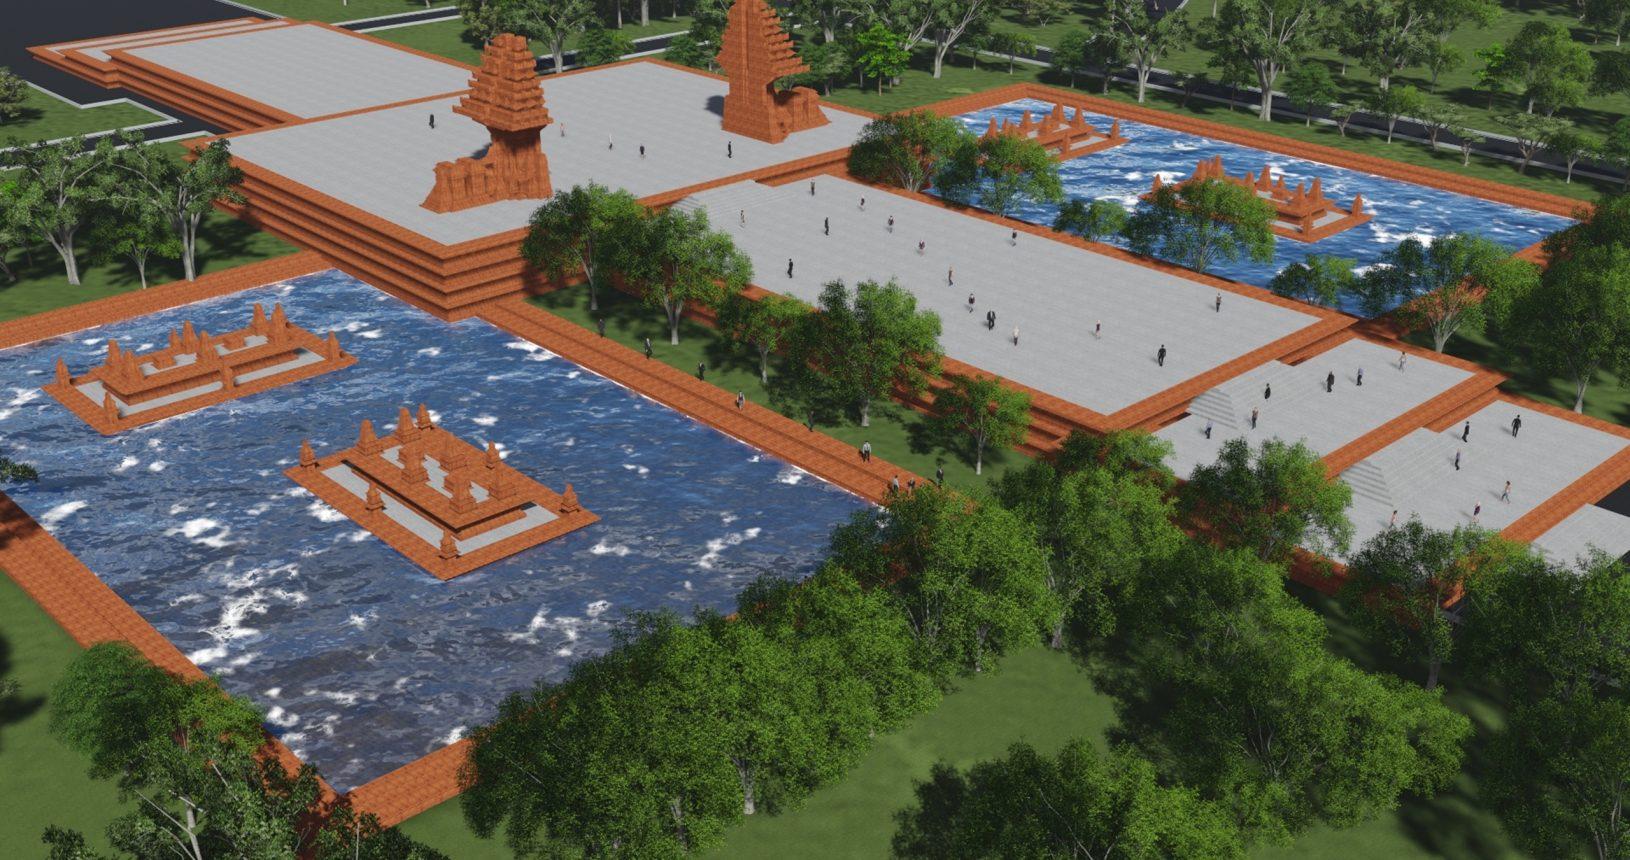 plaza-kolam-segaran-taman-perdamaian-dunia-soerjo-modjopahit